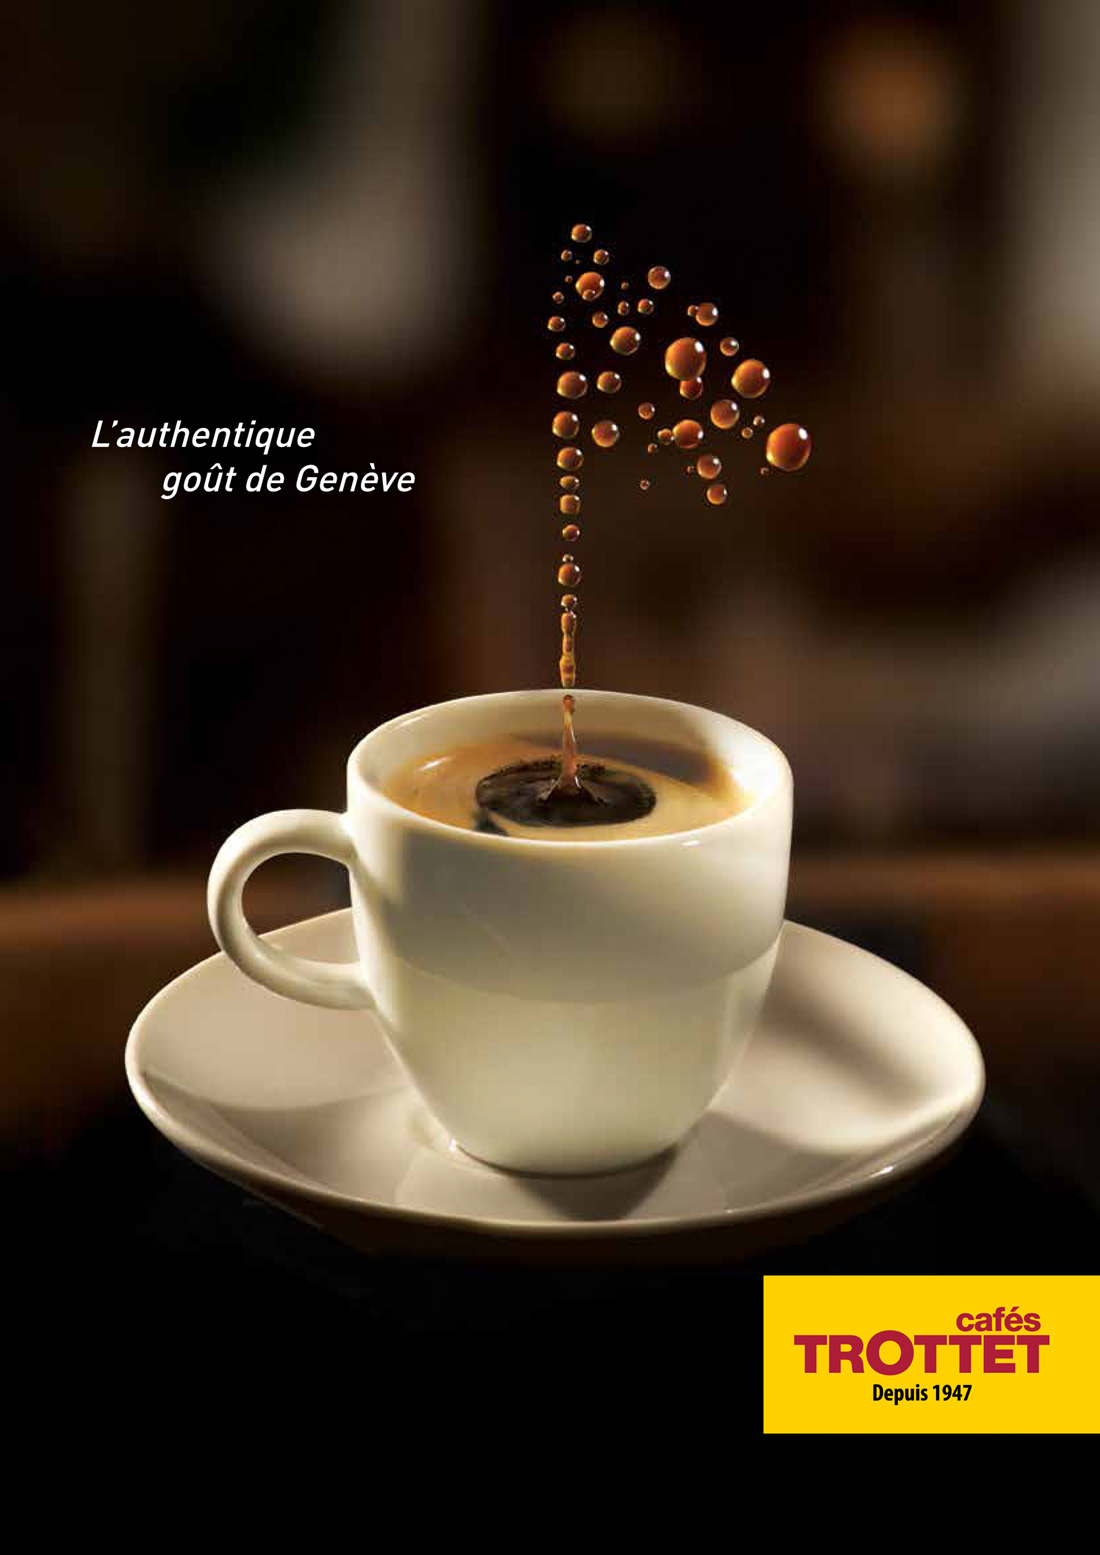 Cafés Trottet